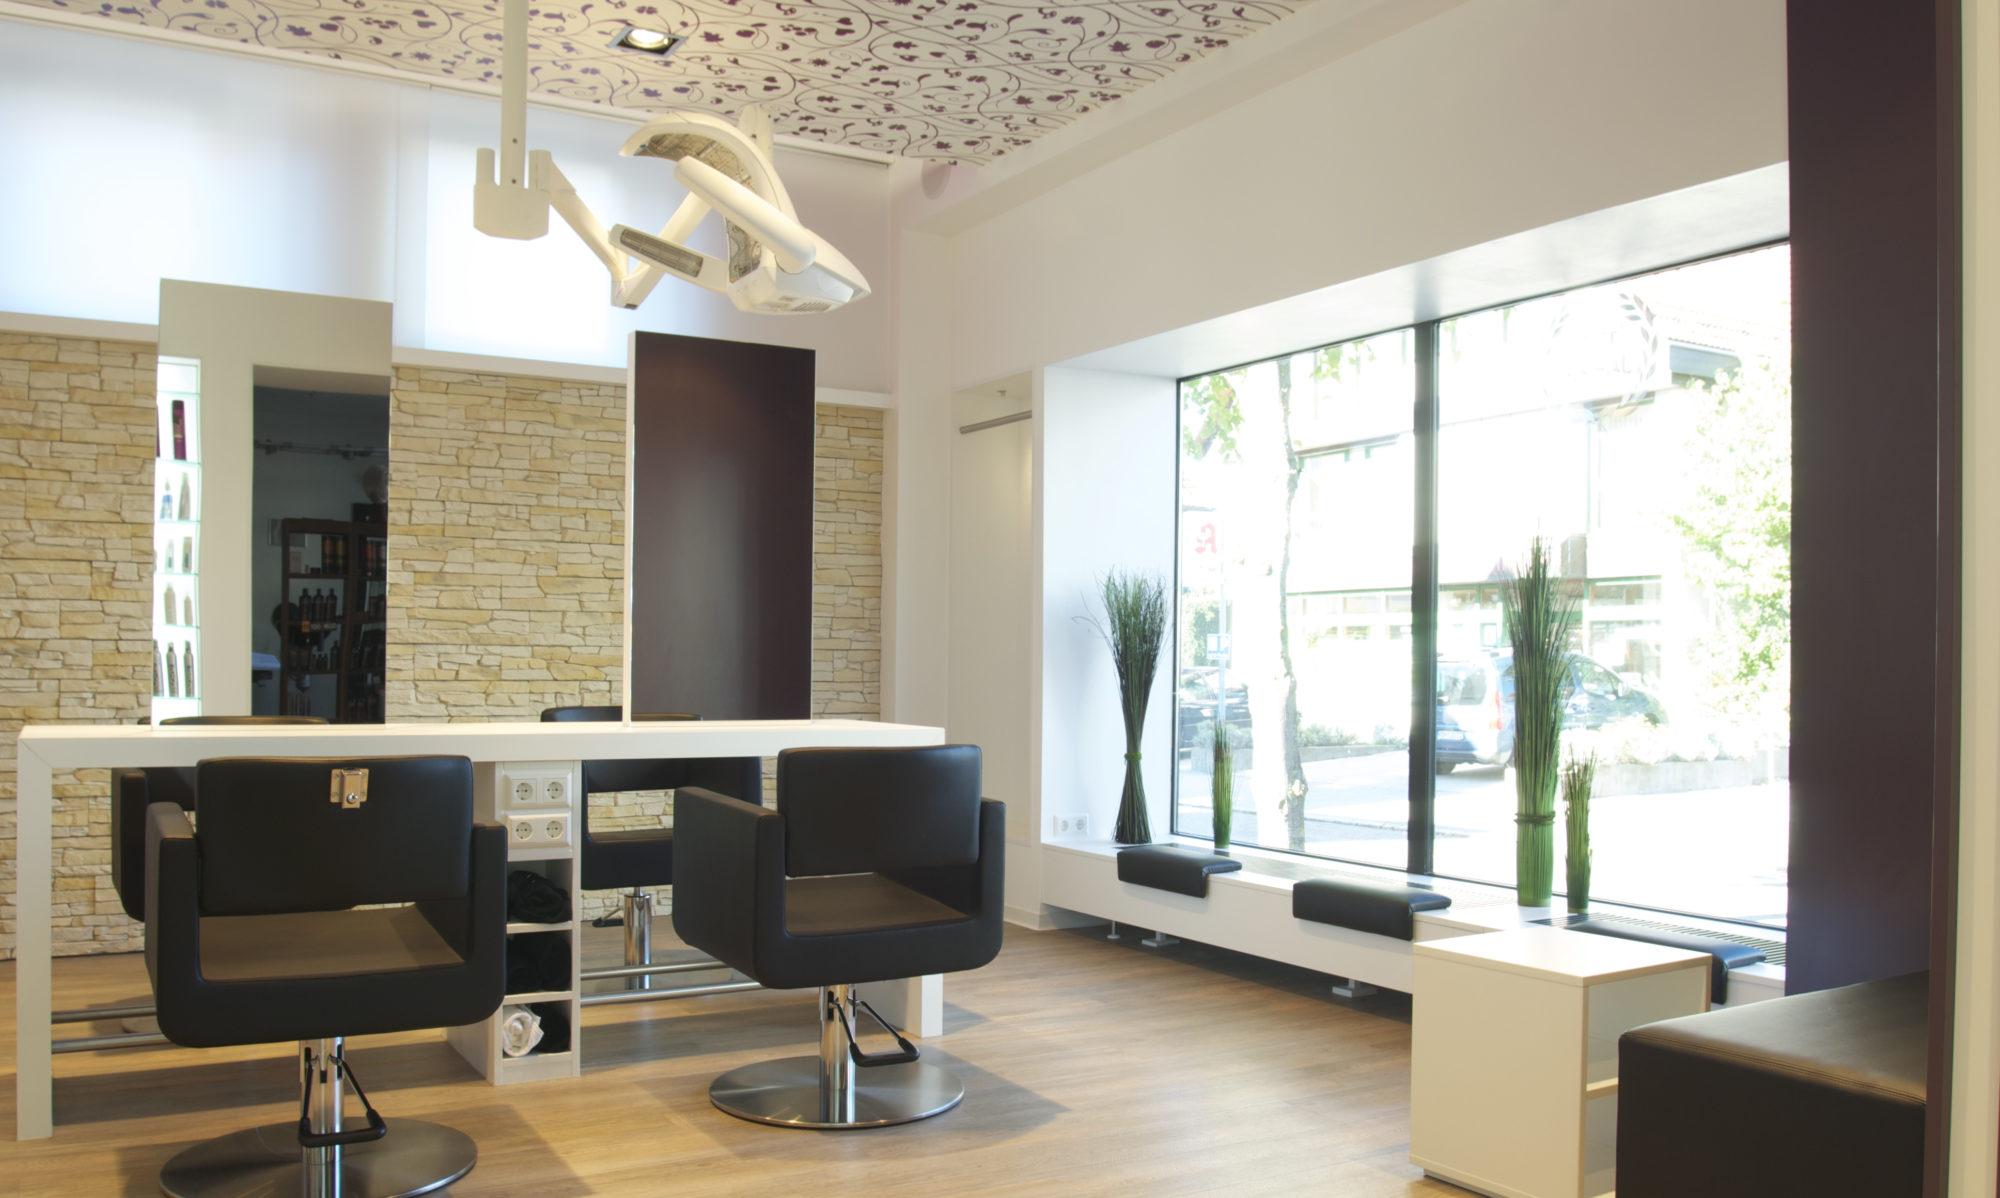 Salon Erhardt Tel.07323.7228 – Ihr Friseur in Gerstetten